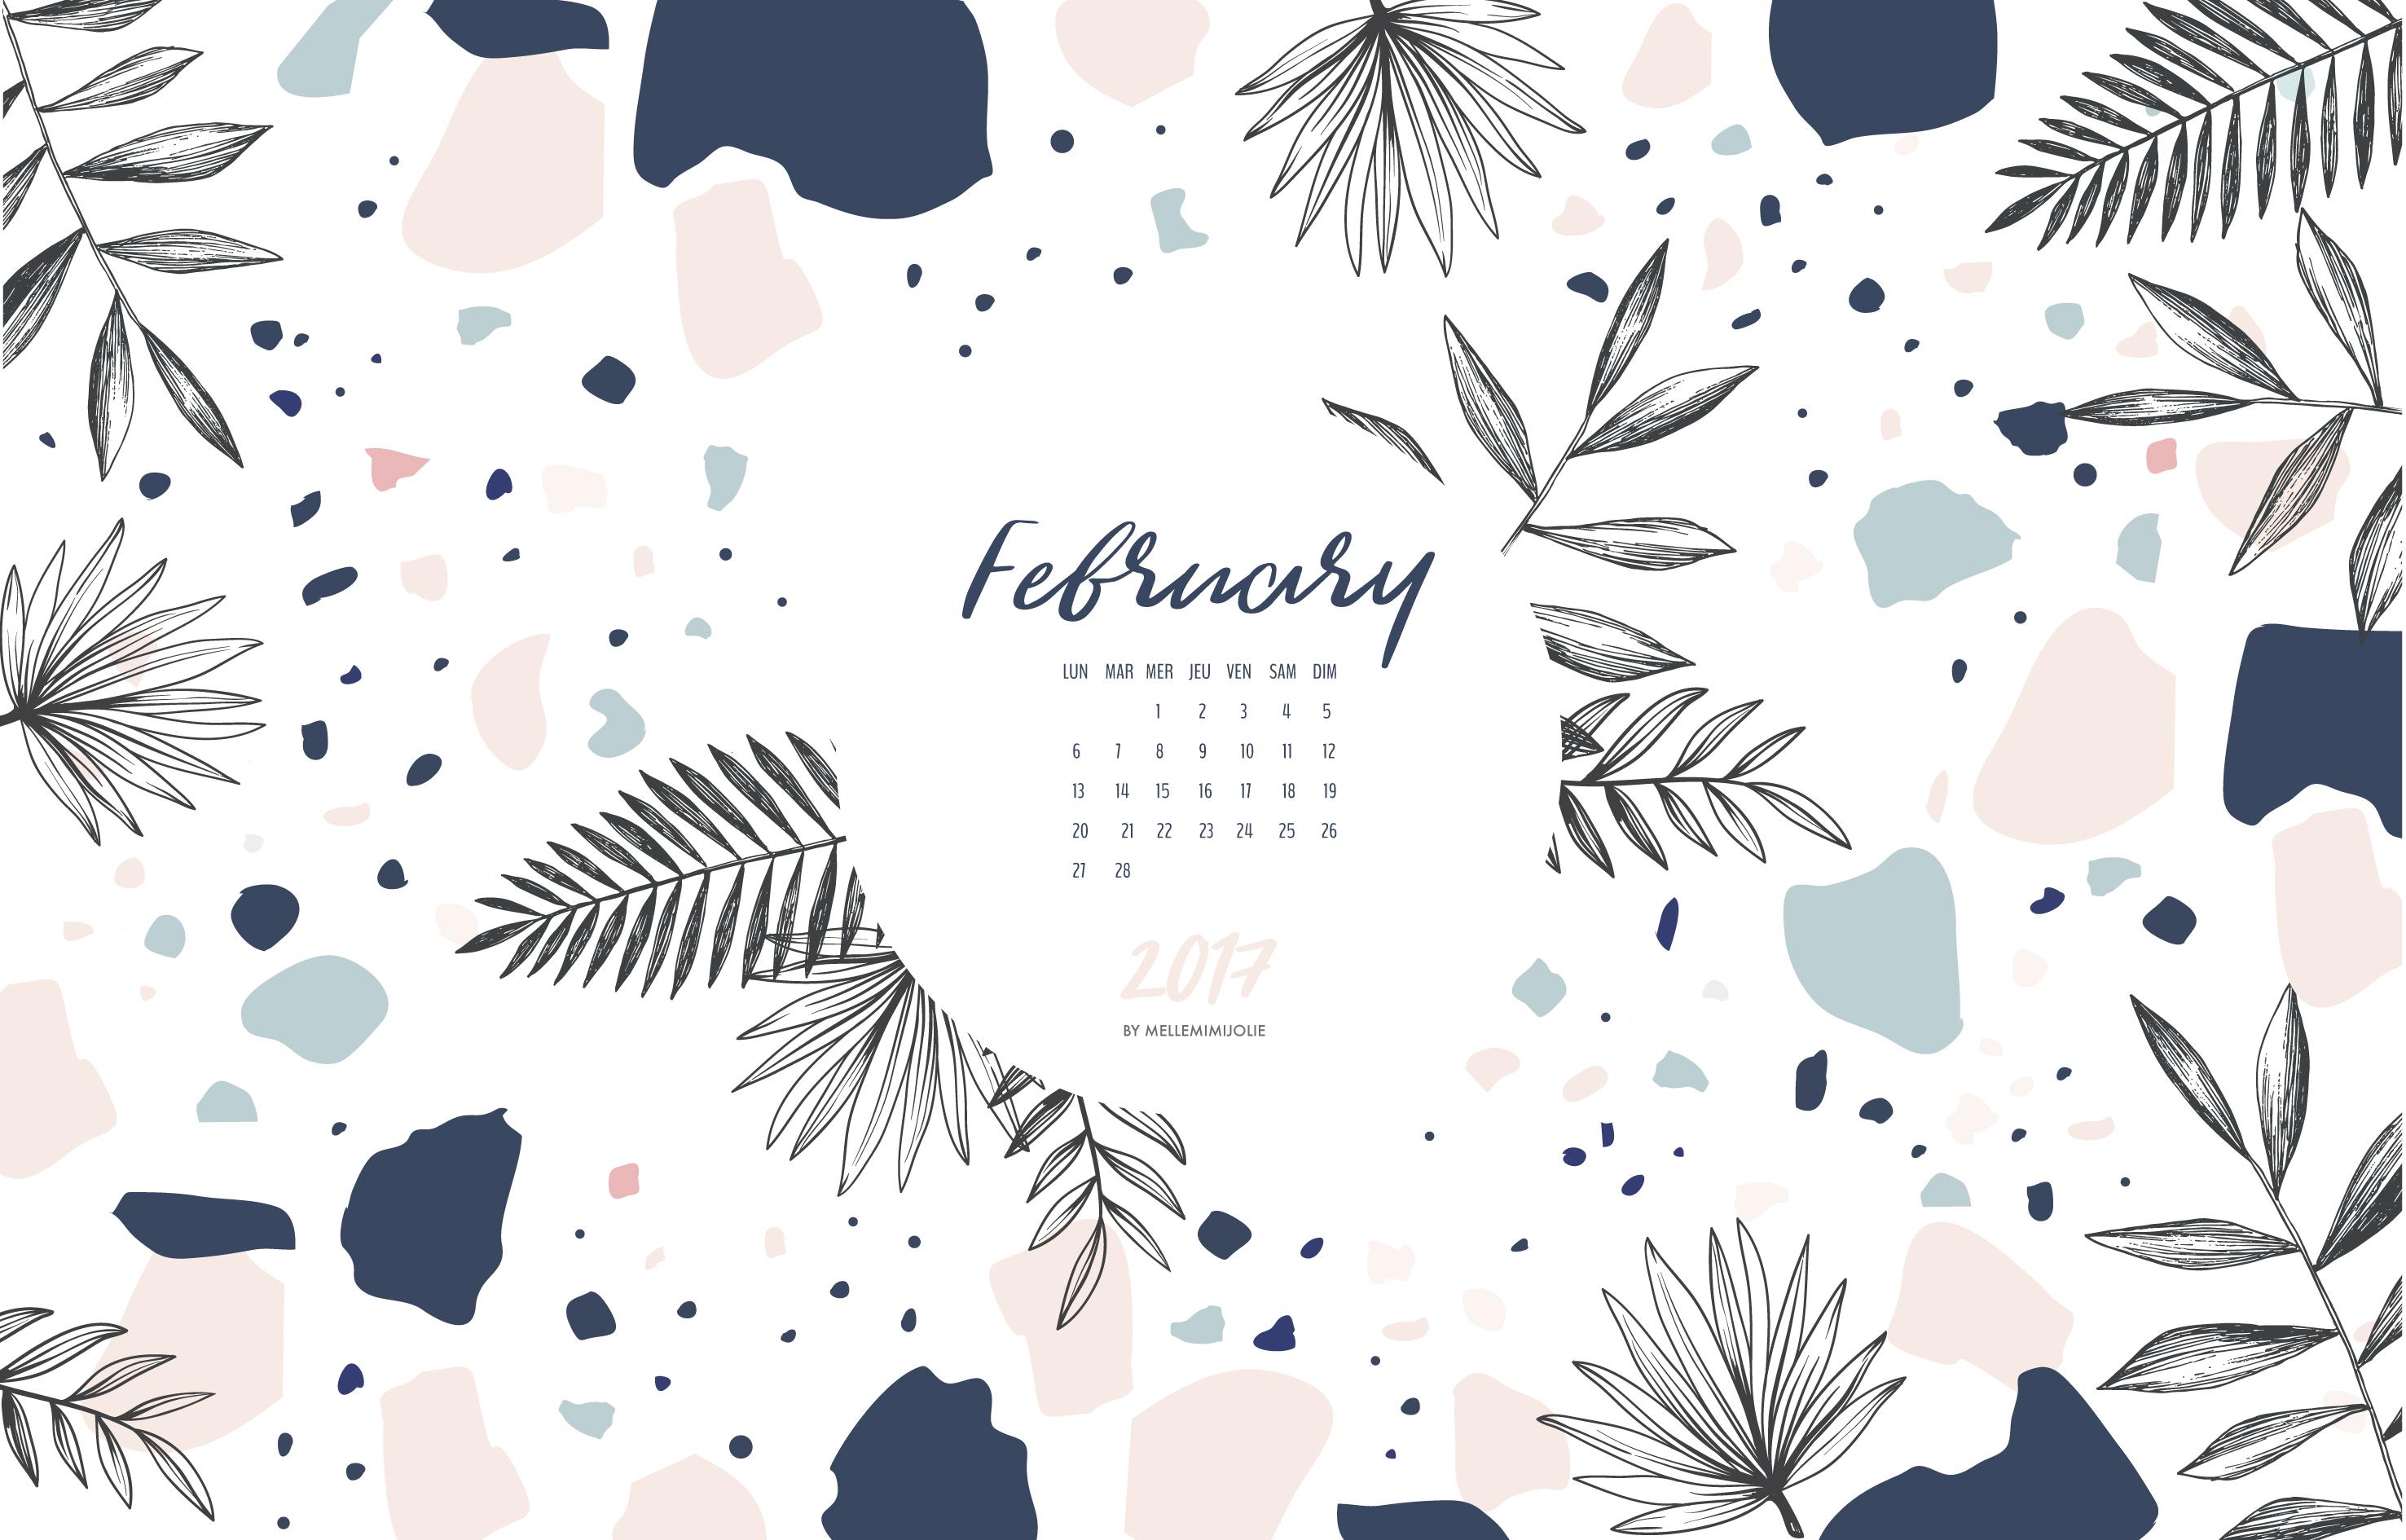 février-CALENDRIER-mellemimijolie